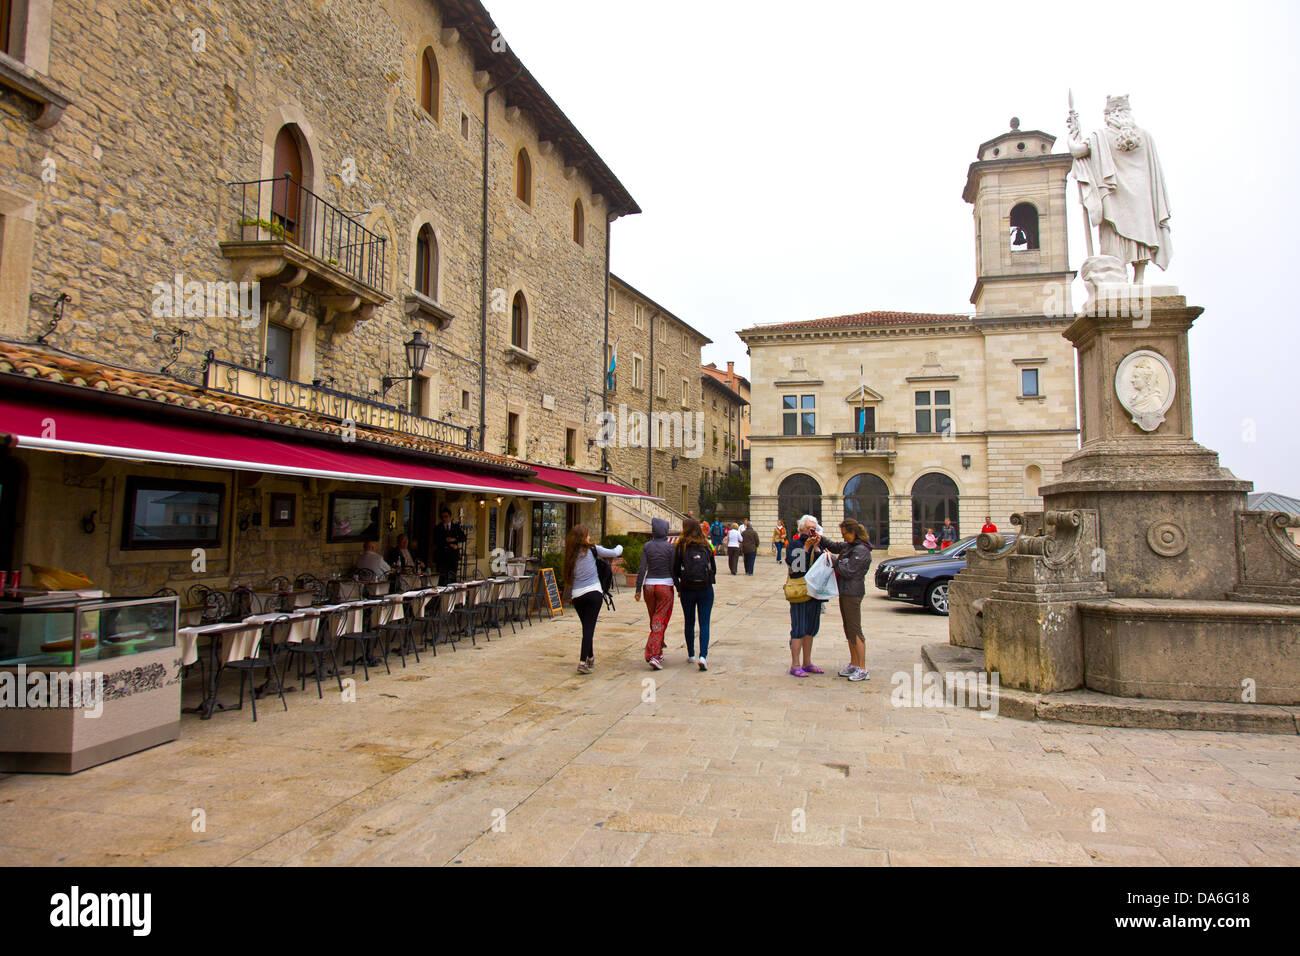 Statua della Libertà , historical town center of San Marino - Stock Image